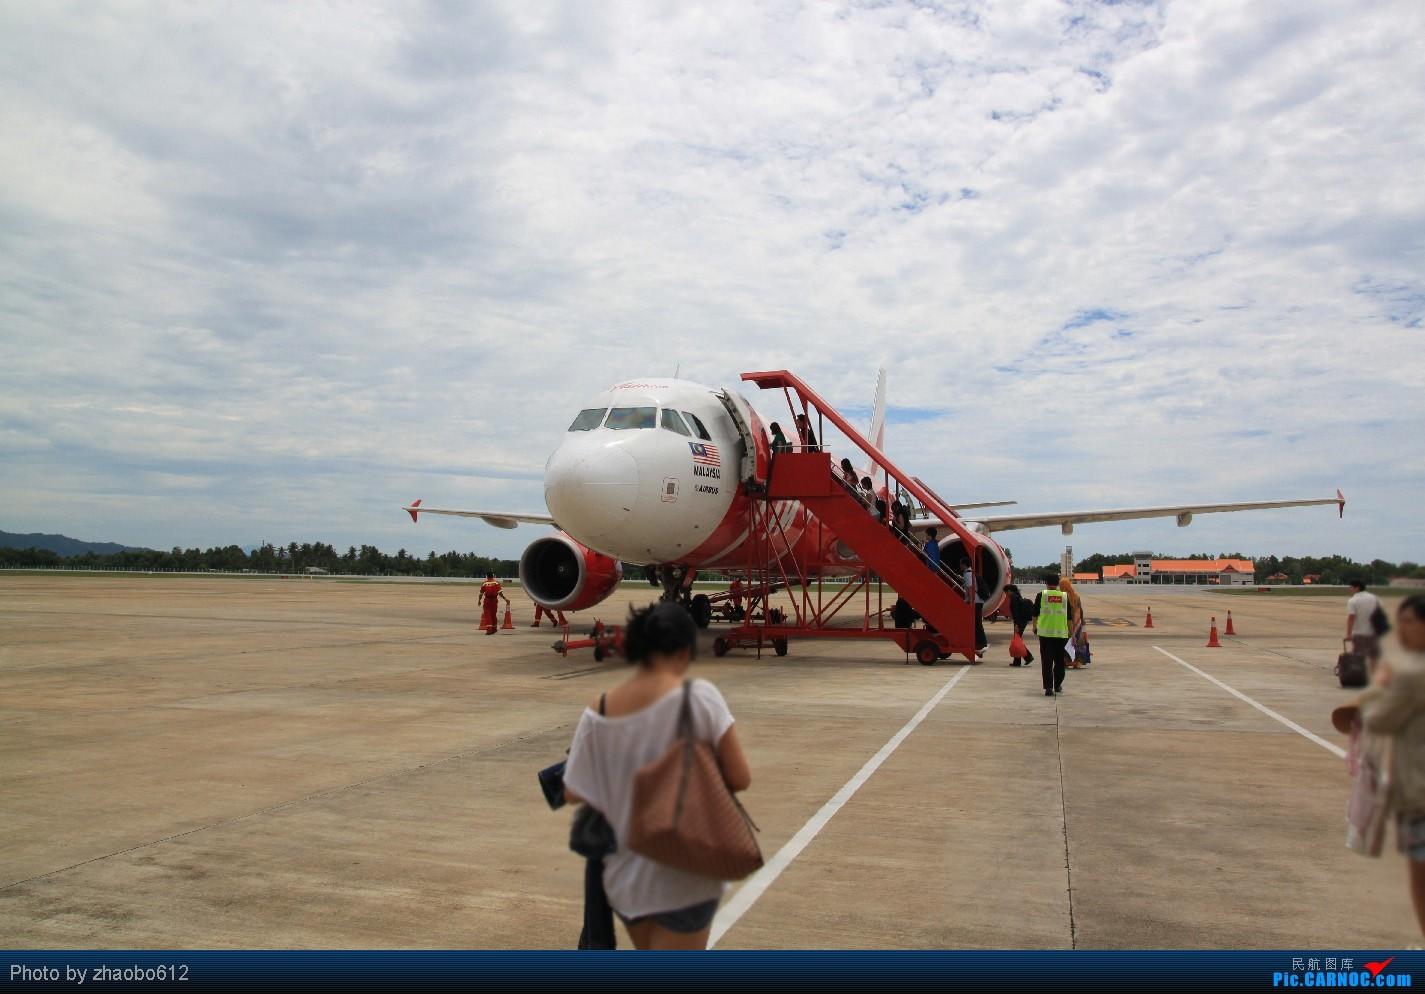 [原创]亚航带我去旅行,再遇彩绘机(中集)    马来西亚瓜拉丁加奴机场